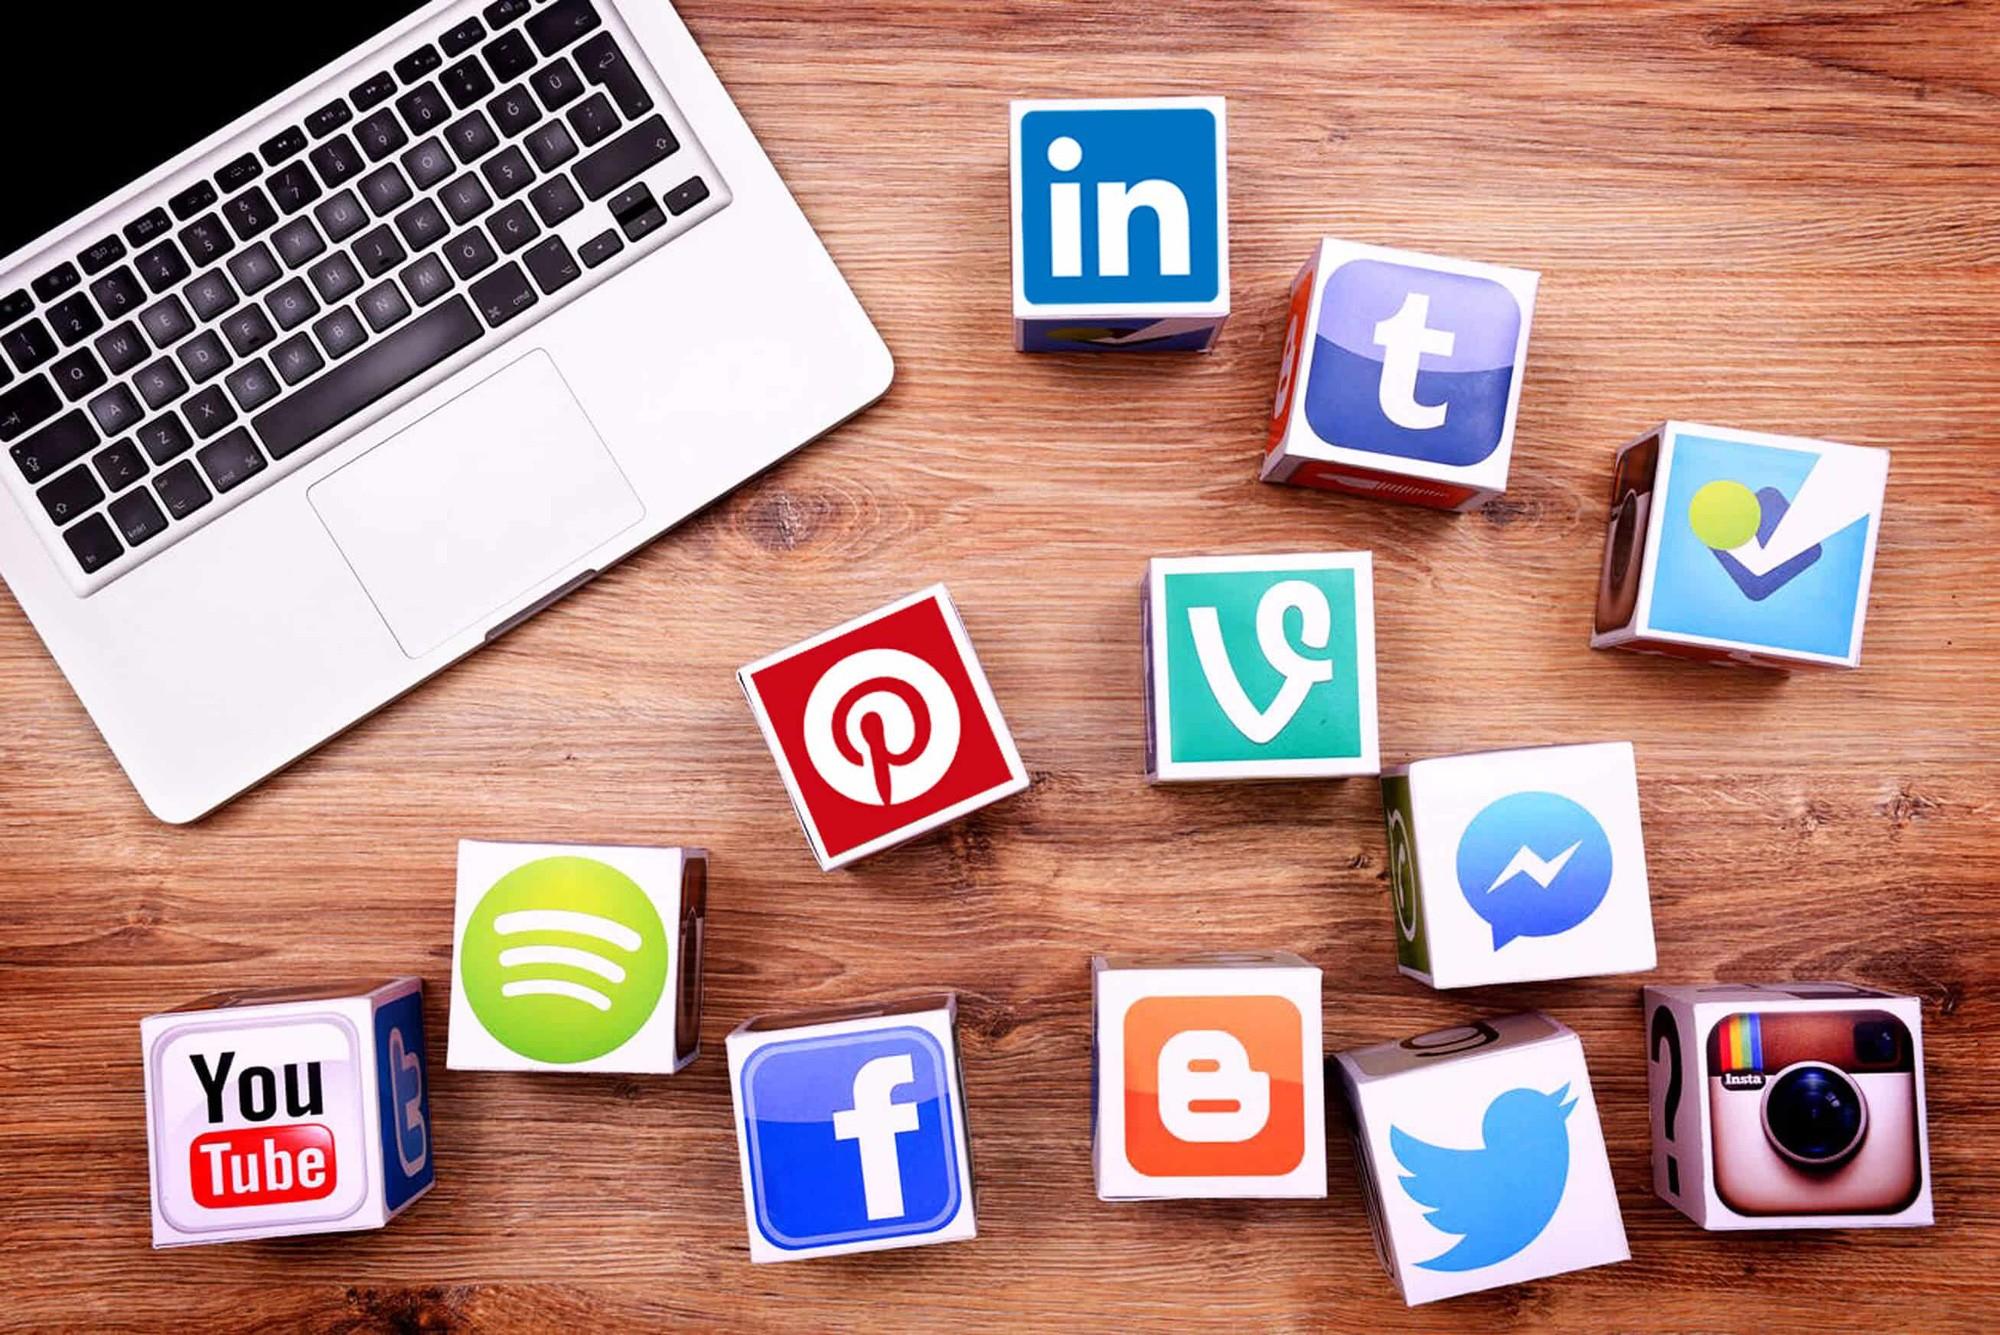 Social Media là kênh vô cùng hiệu quả khi bạn muốn tiếp cận khách hàng nhanh chóng nhất